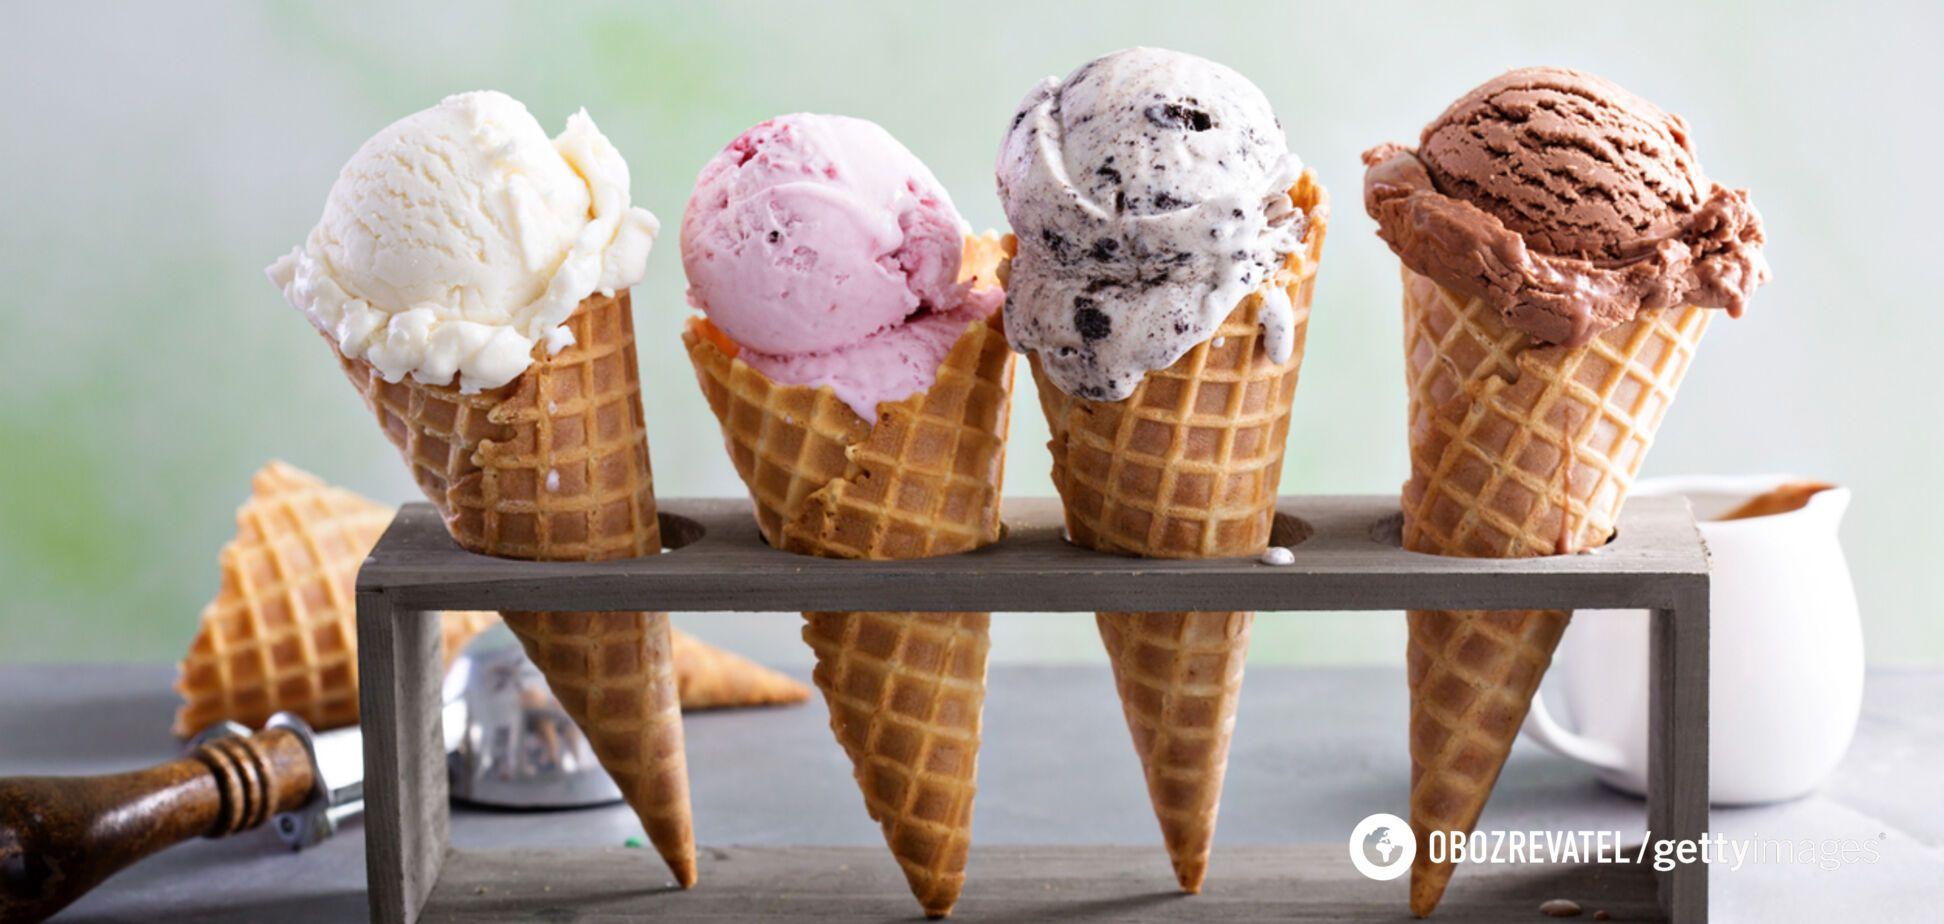 Не тільки смачно, а й корисно: розкрито 10 дивовижних властивостей морозива